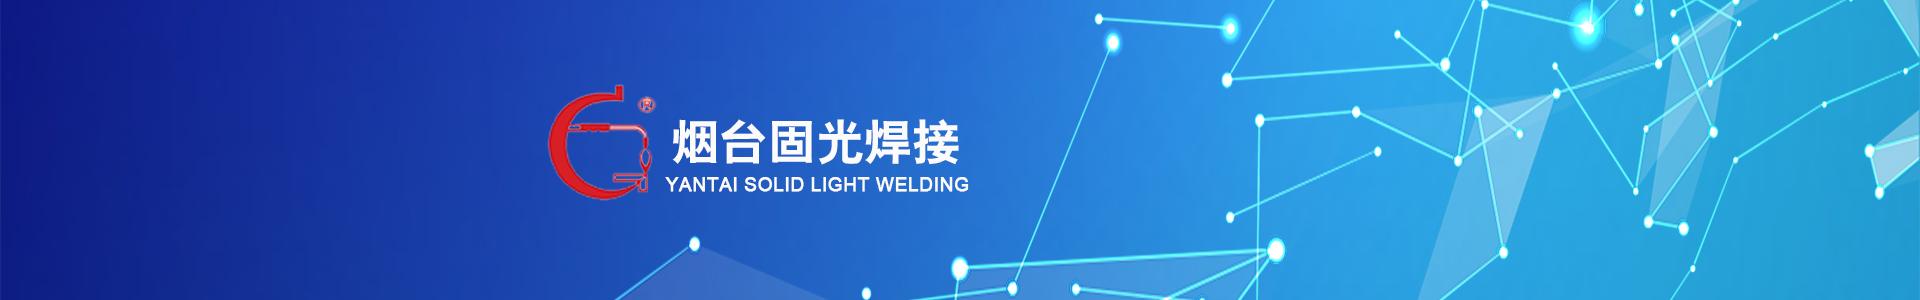 钎焊材料,钎焊材料厂家,金刚石钎焊